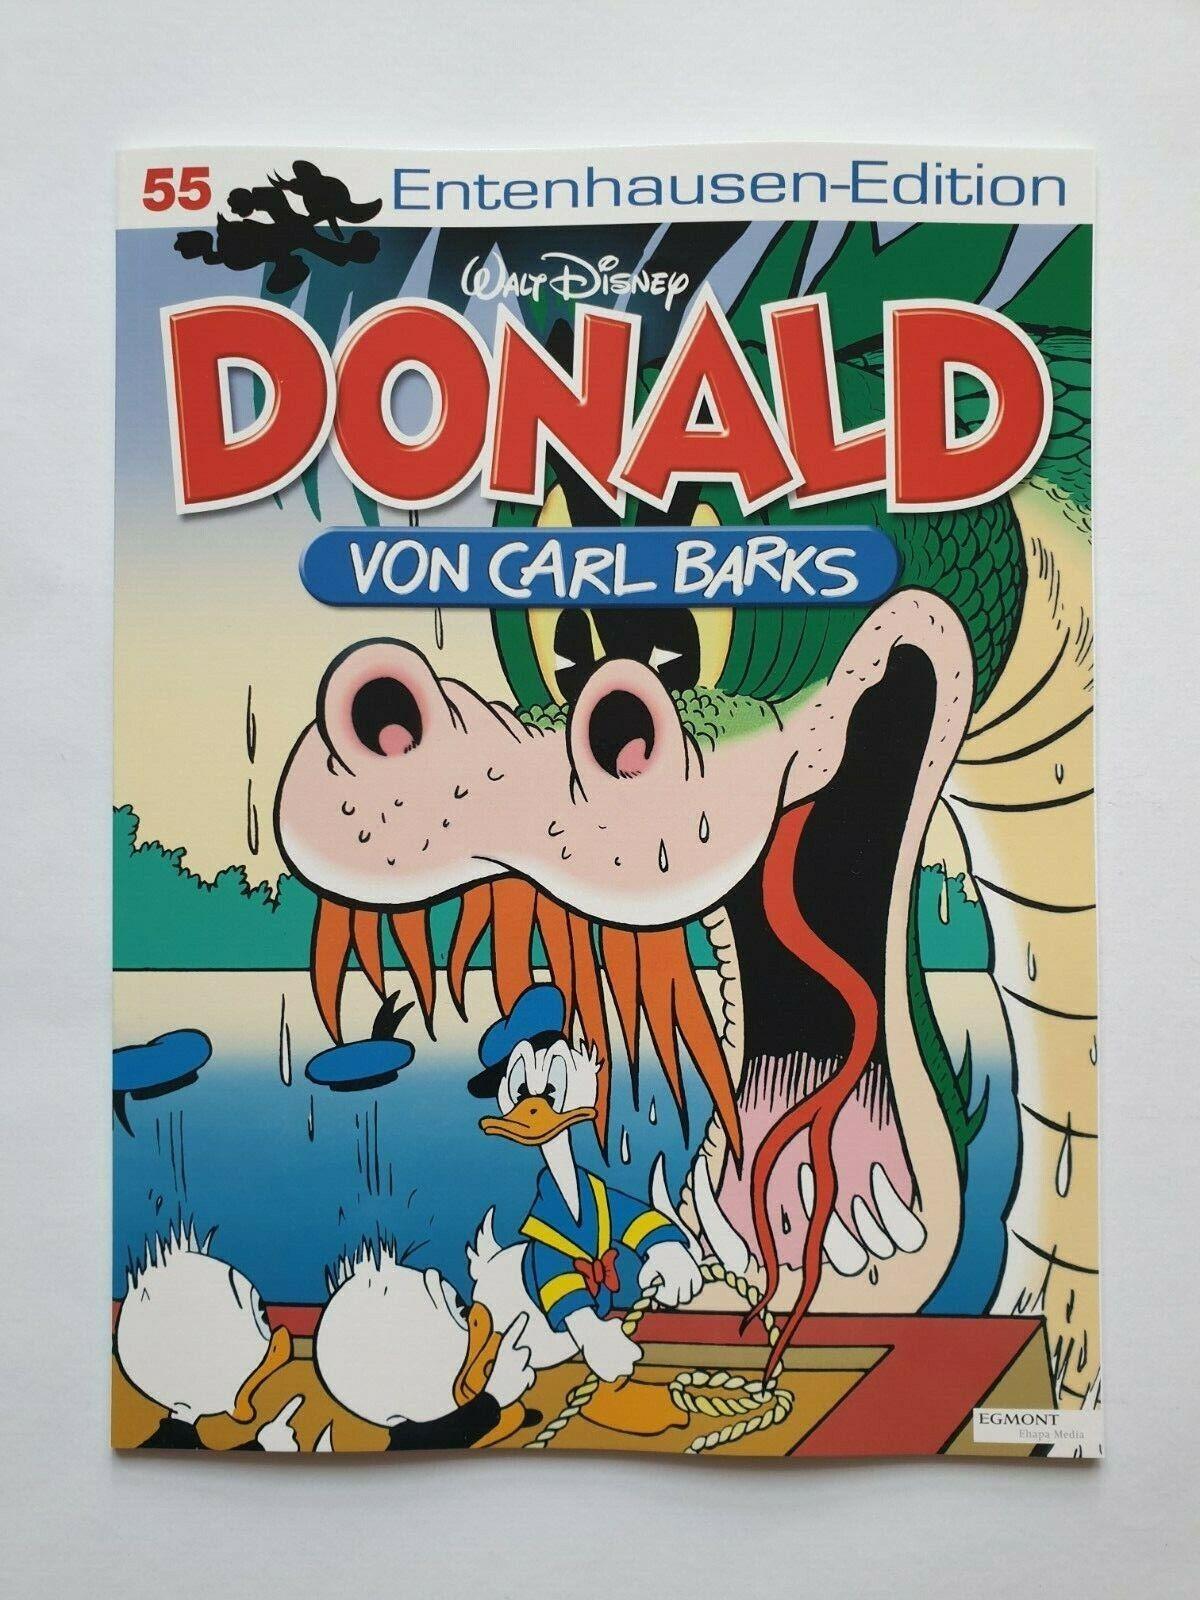 Donald Duck von Carl Barks Entenhausen-Edition Nr.55   ungelesen, 1A TOP Zustand